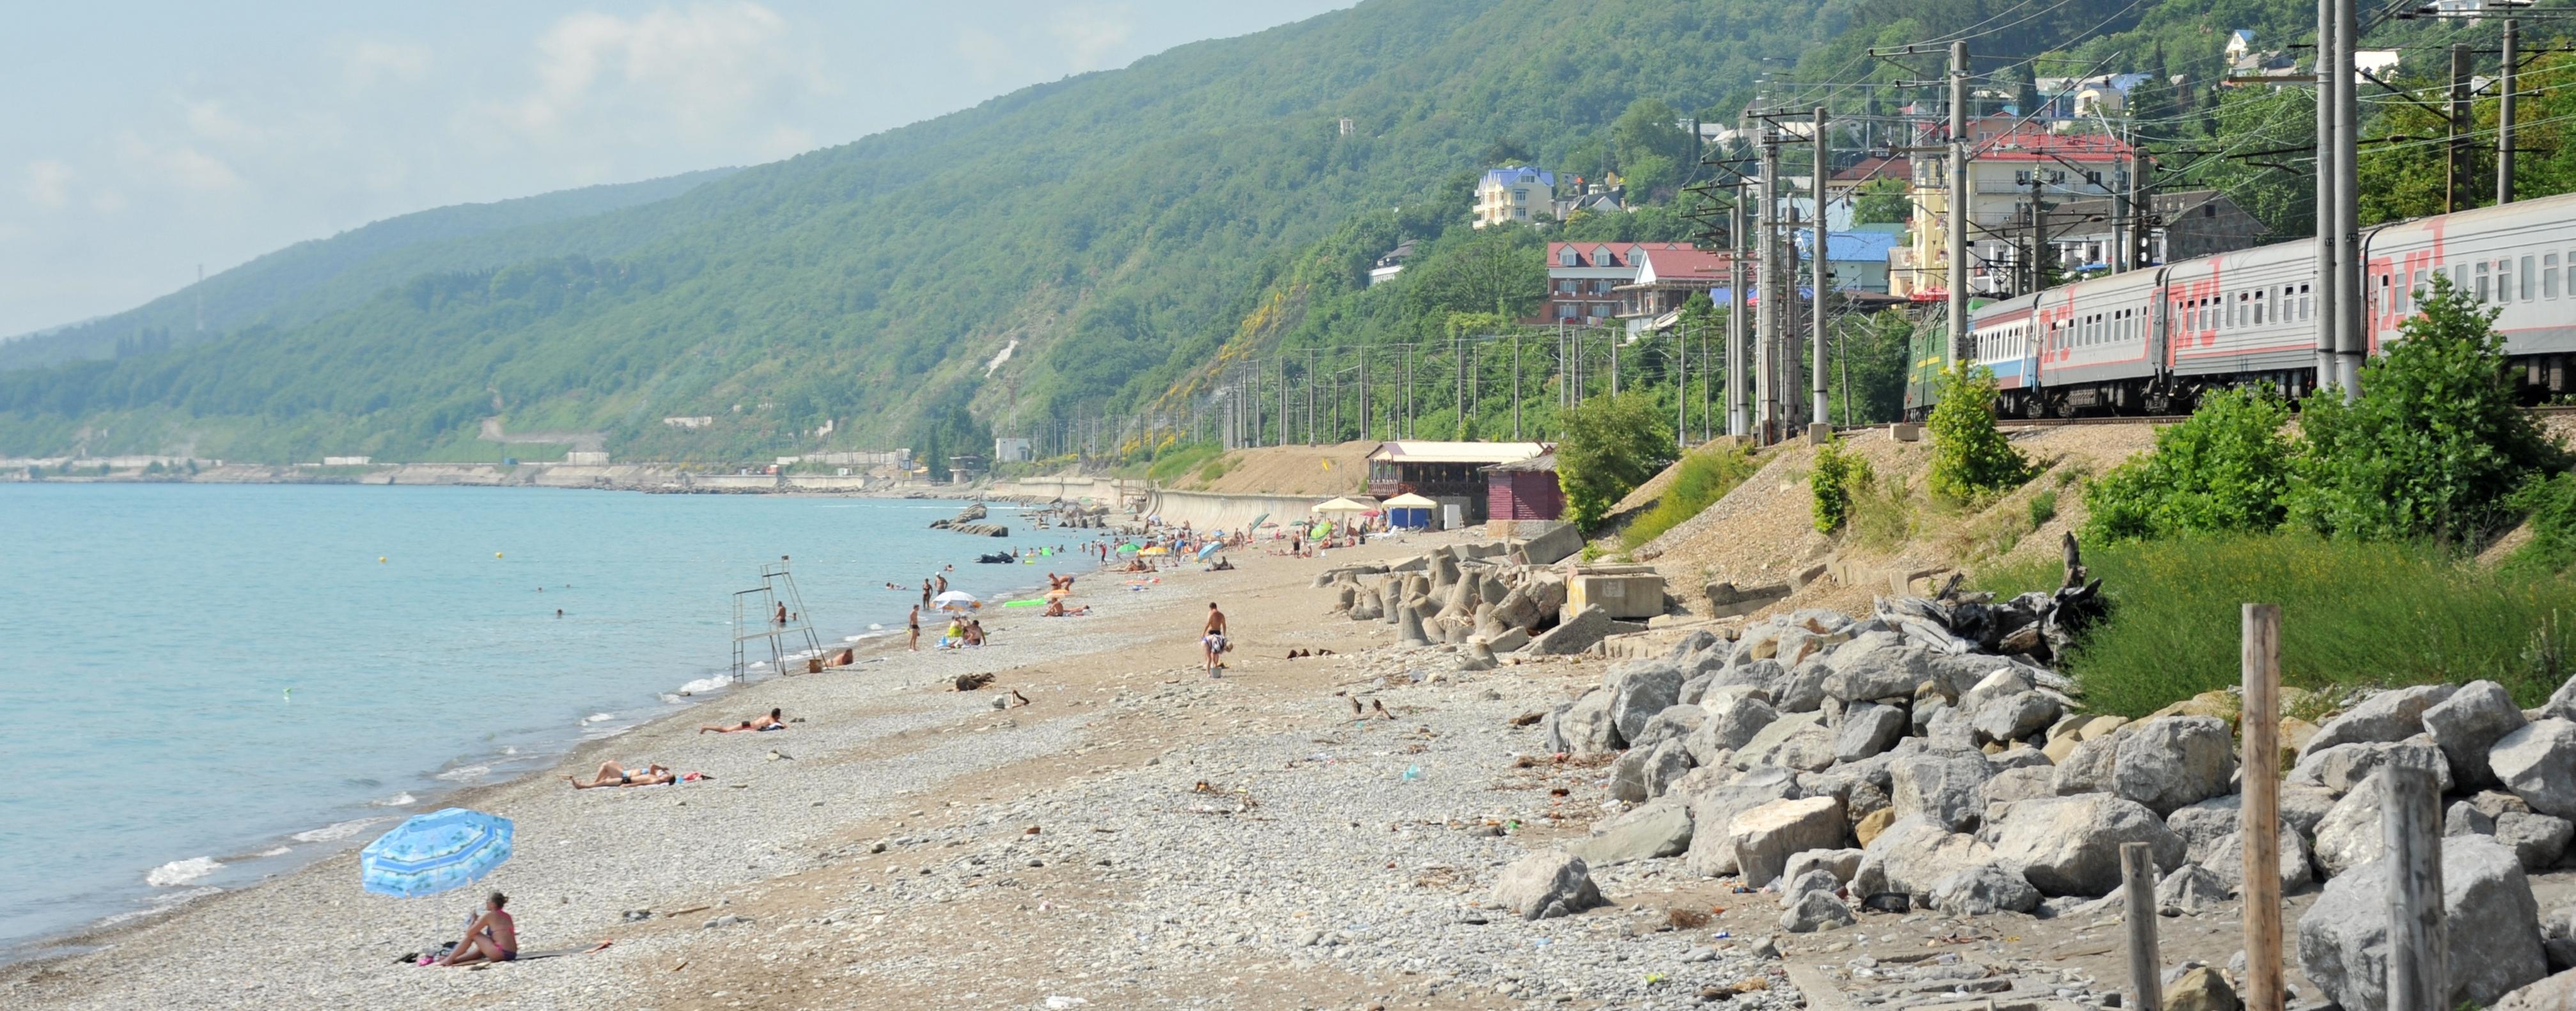 пляжи лазаревское фото отзывы